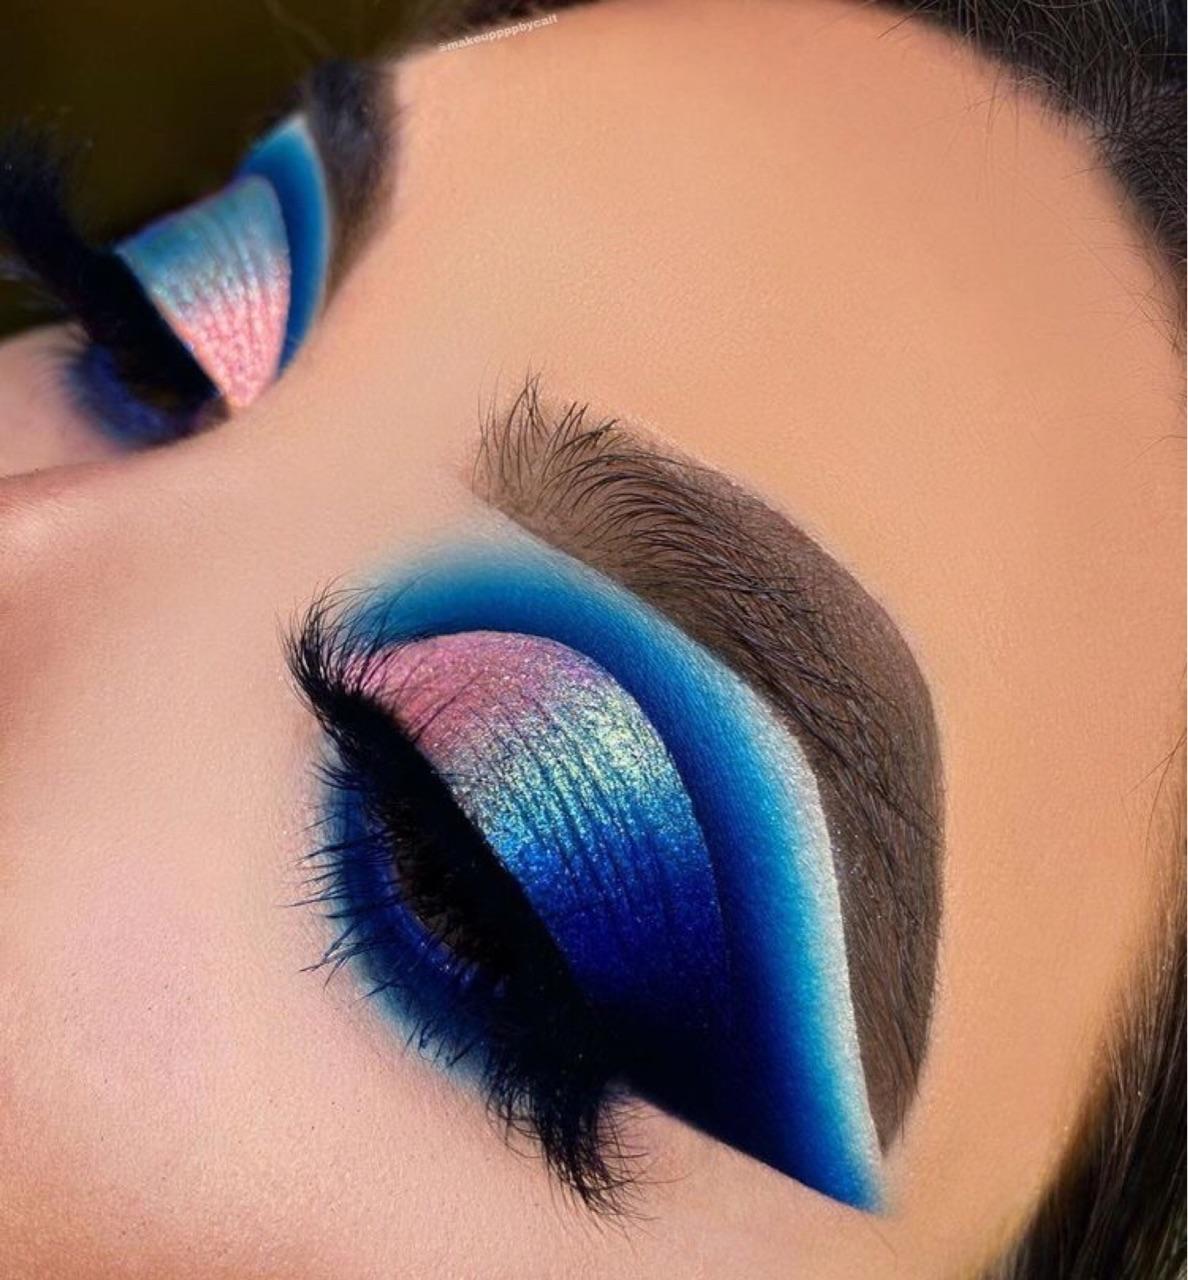 make, makeup, and fashion image